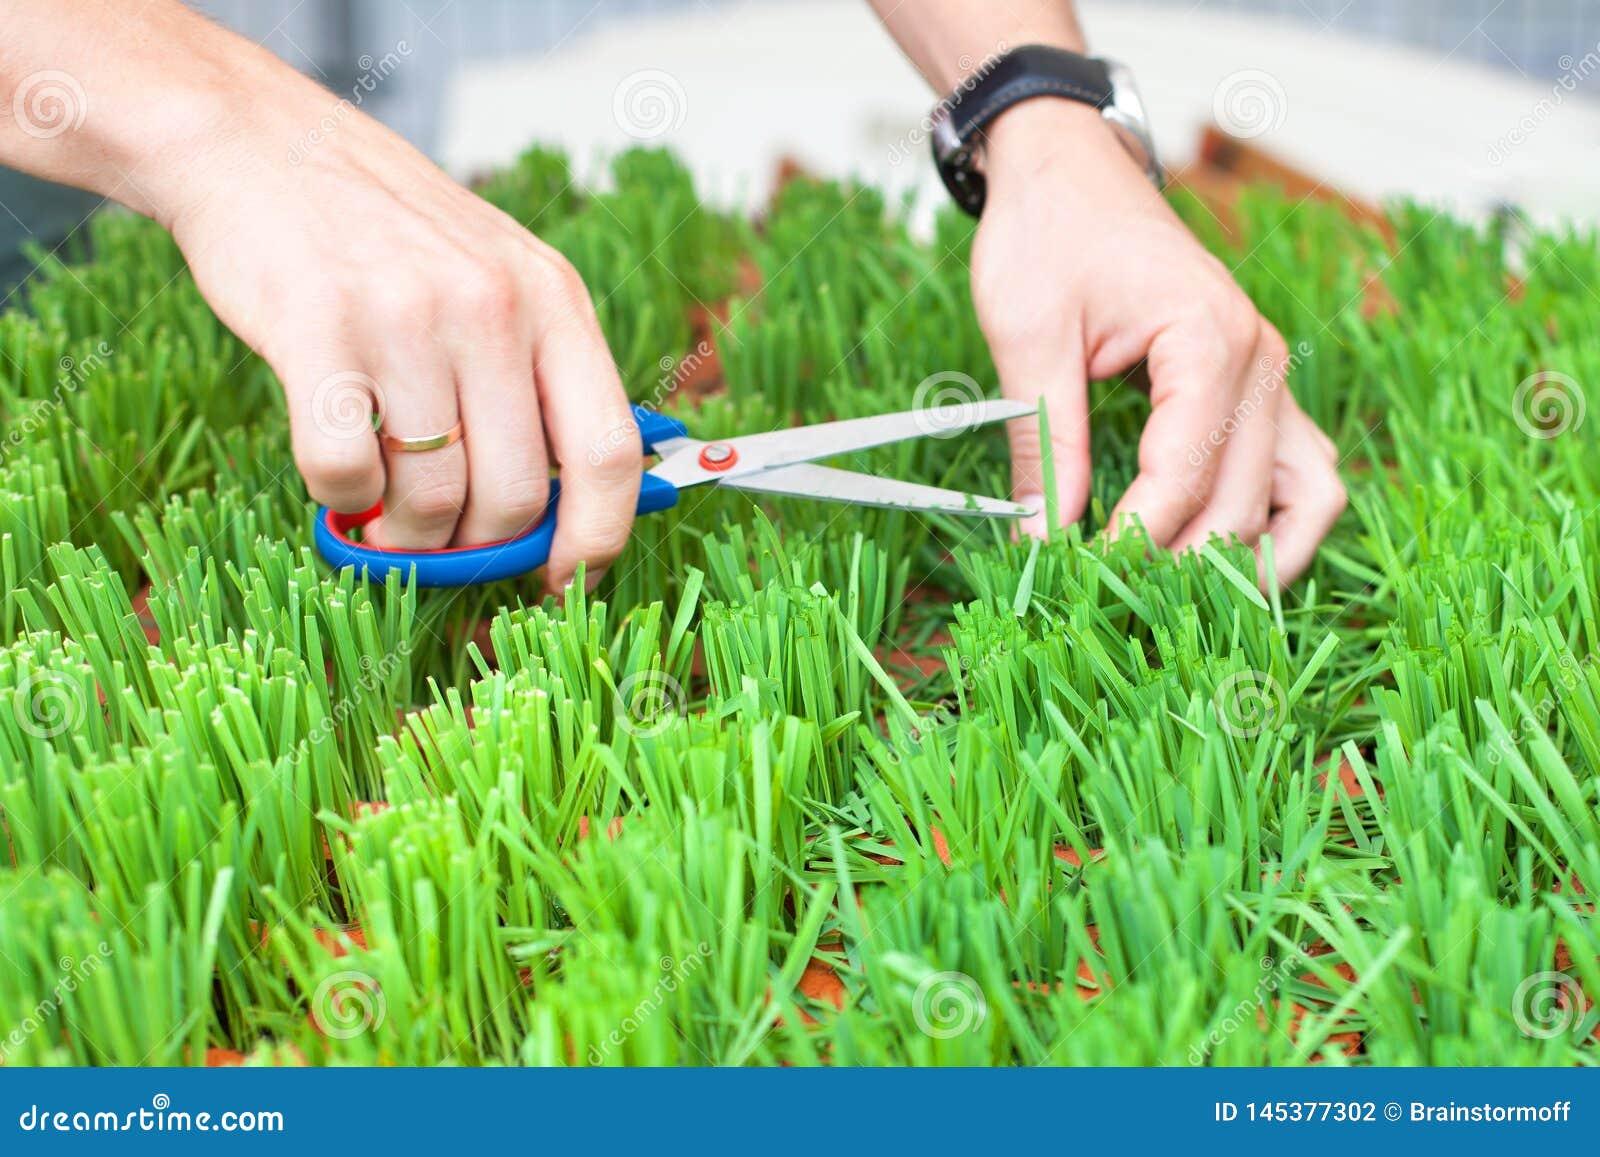 Mężczyzna ręki ciie zielonej trawy z nożycami ogrodniczka cią trawy i cią świeżej zielonej trawy, mężczyzna ręk chwyta